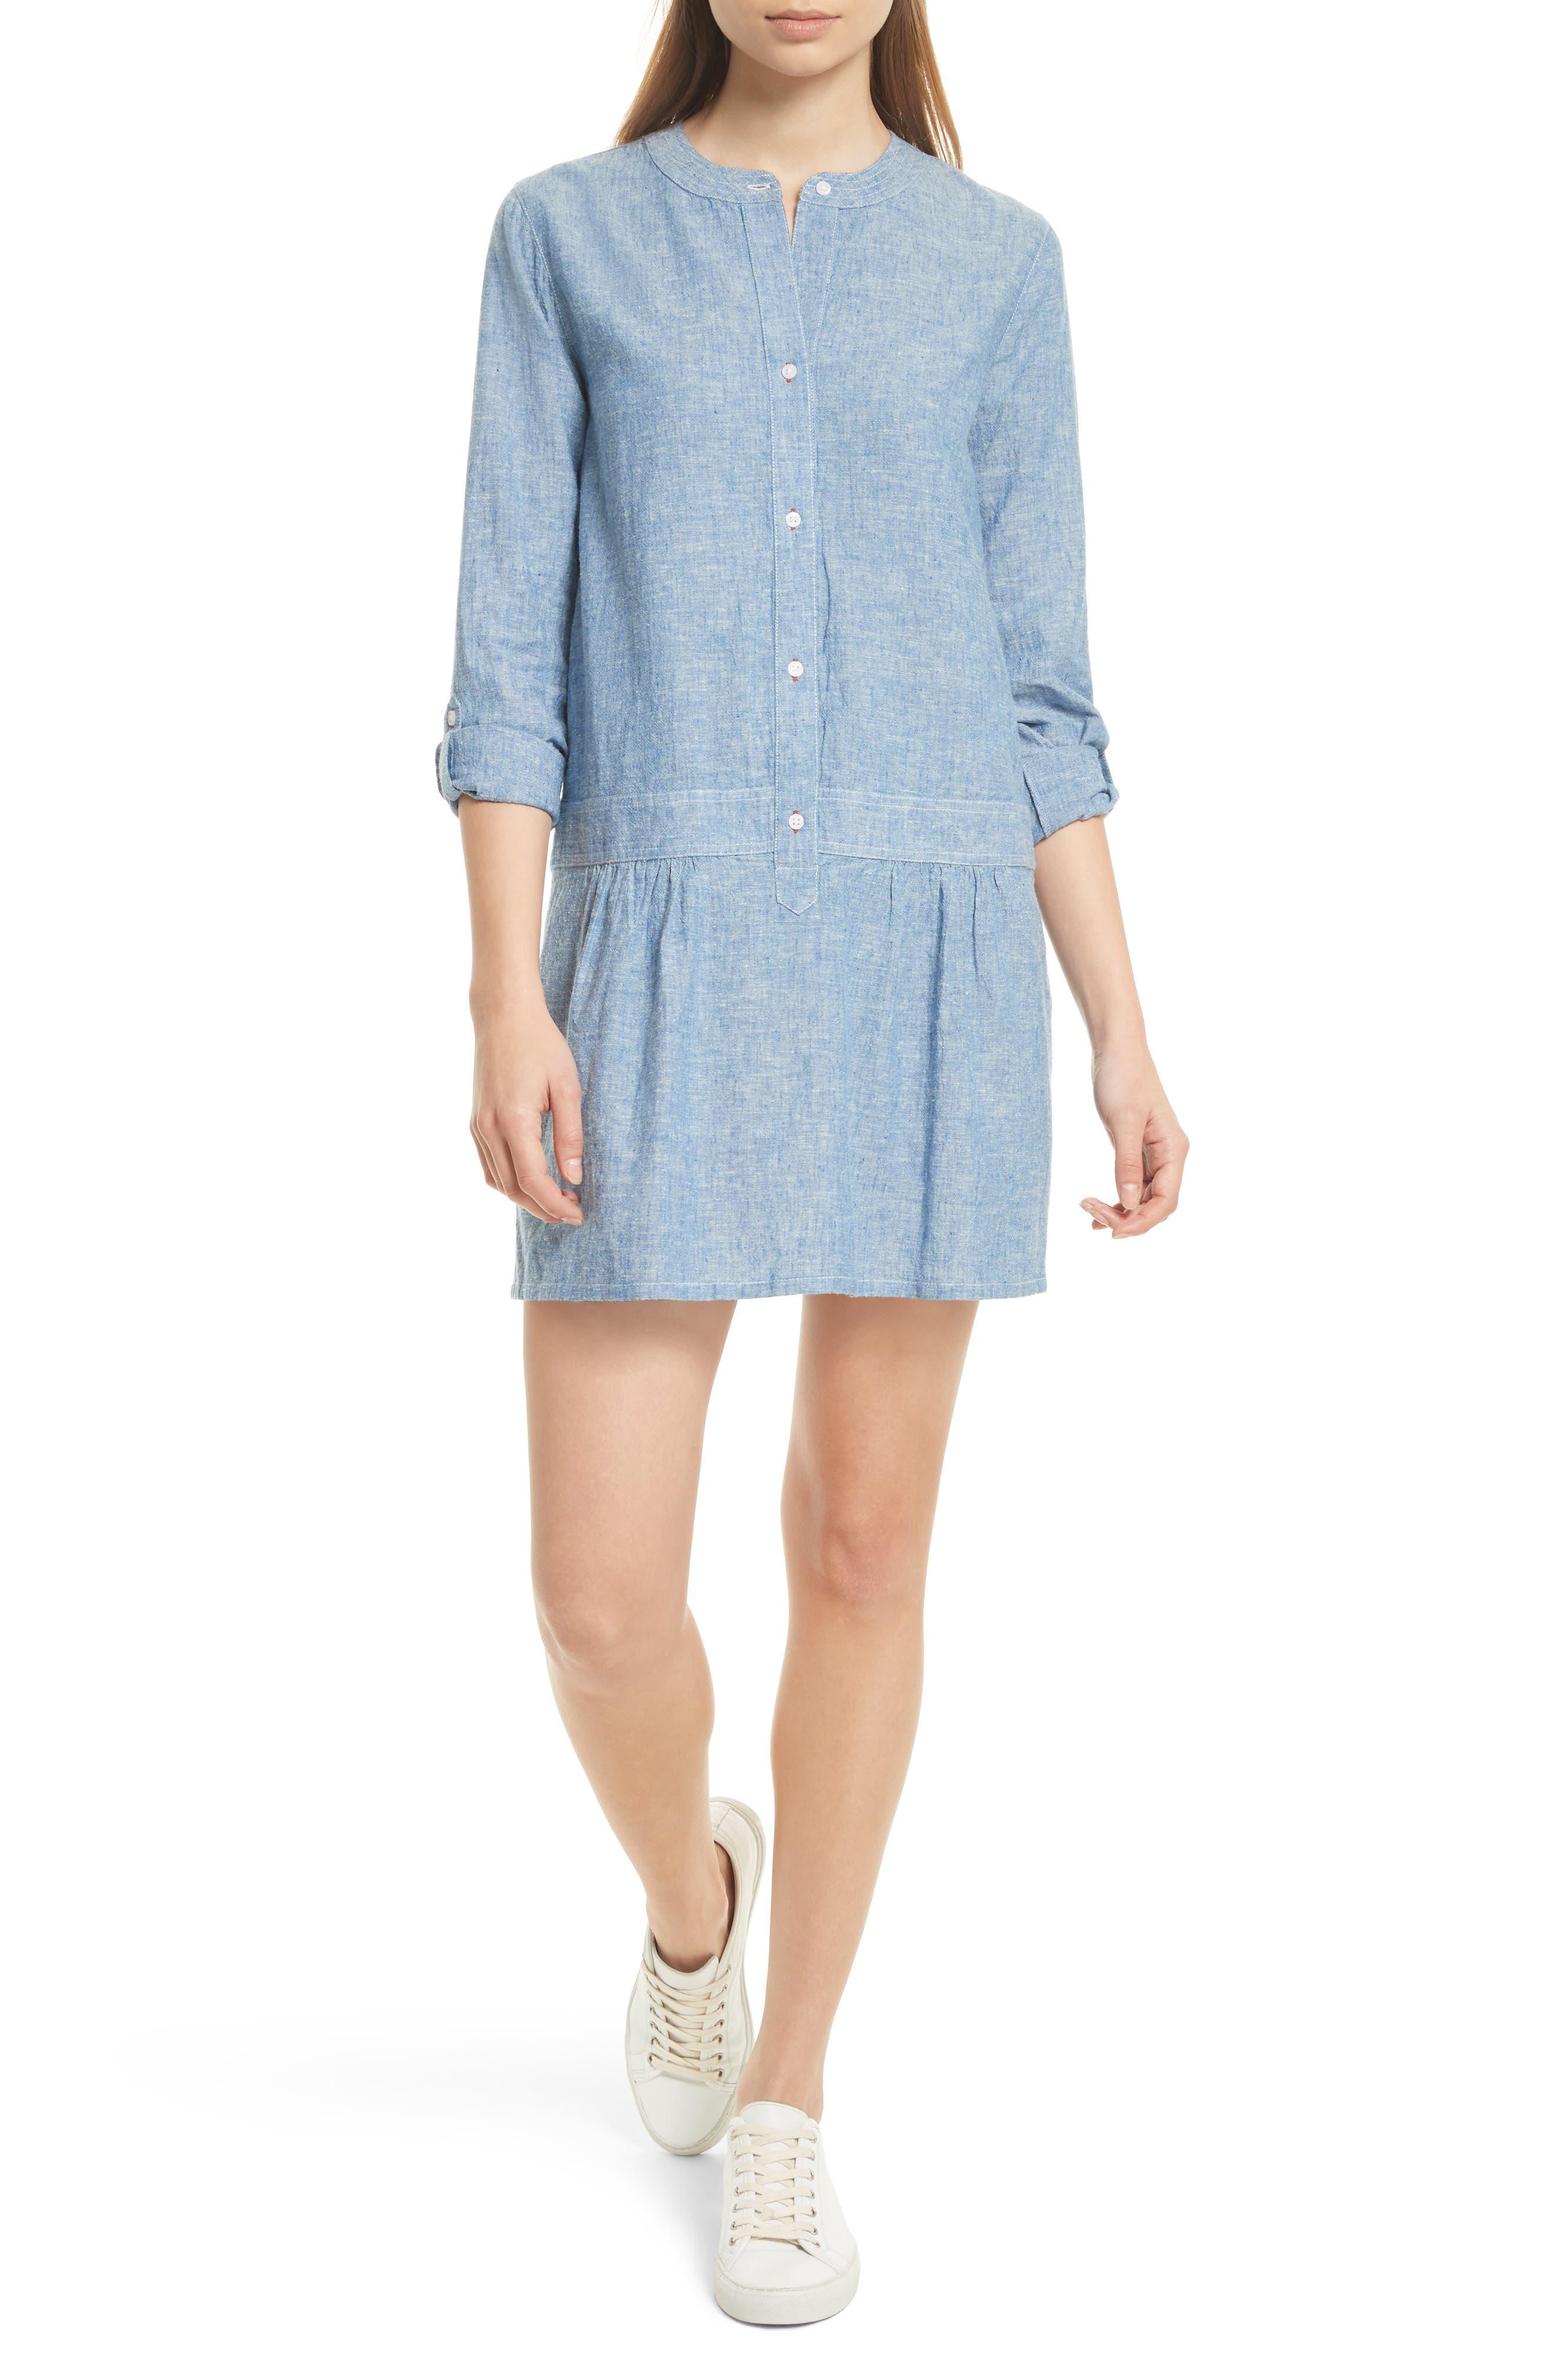 Main Image - Soft Joie Amiri Chambray Shirtdress